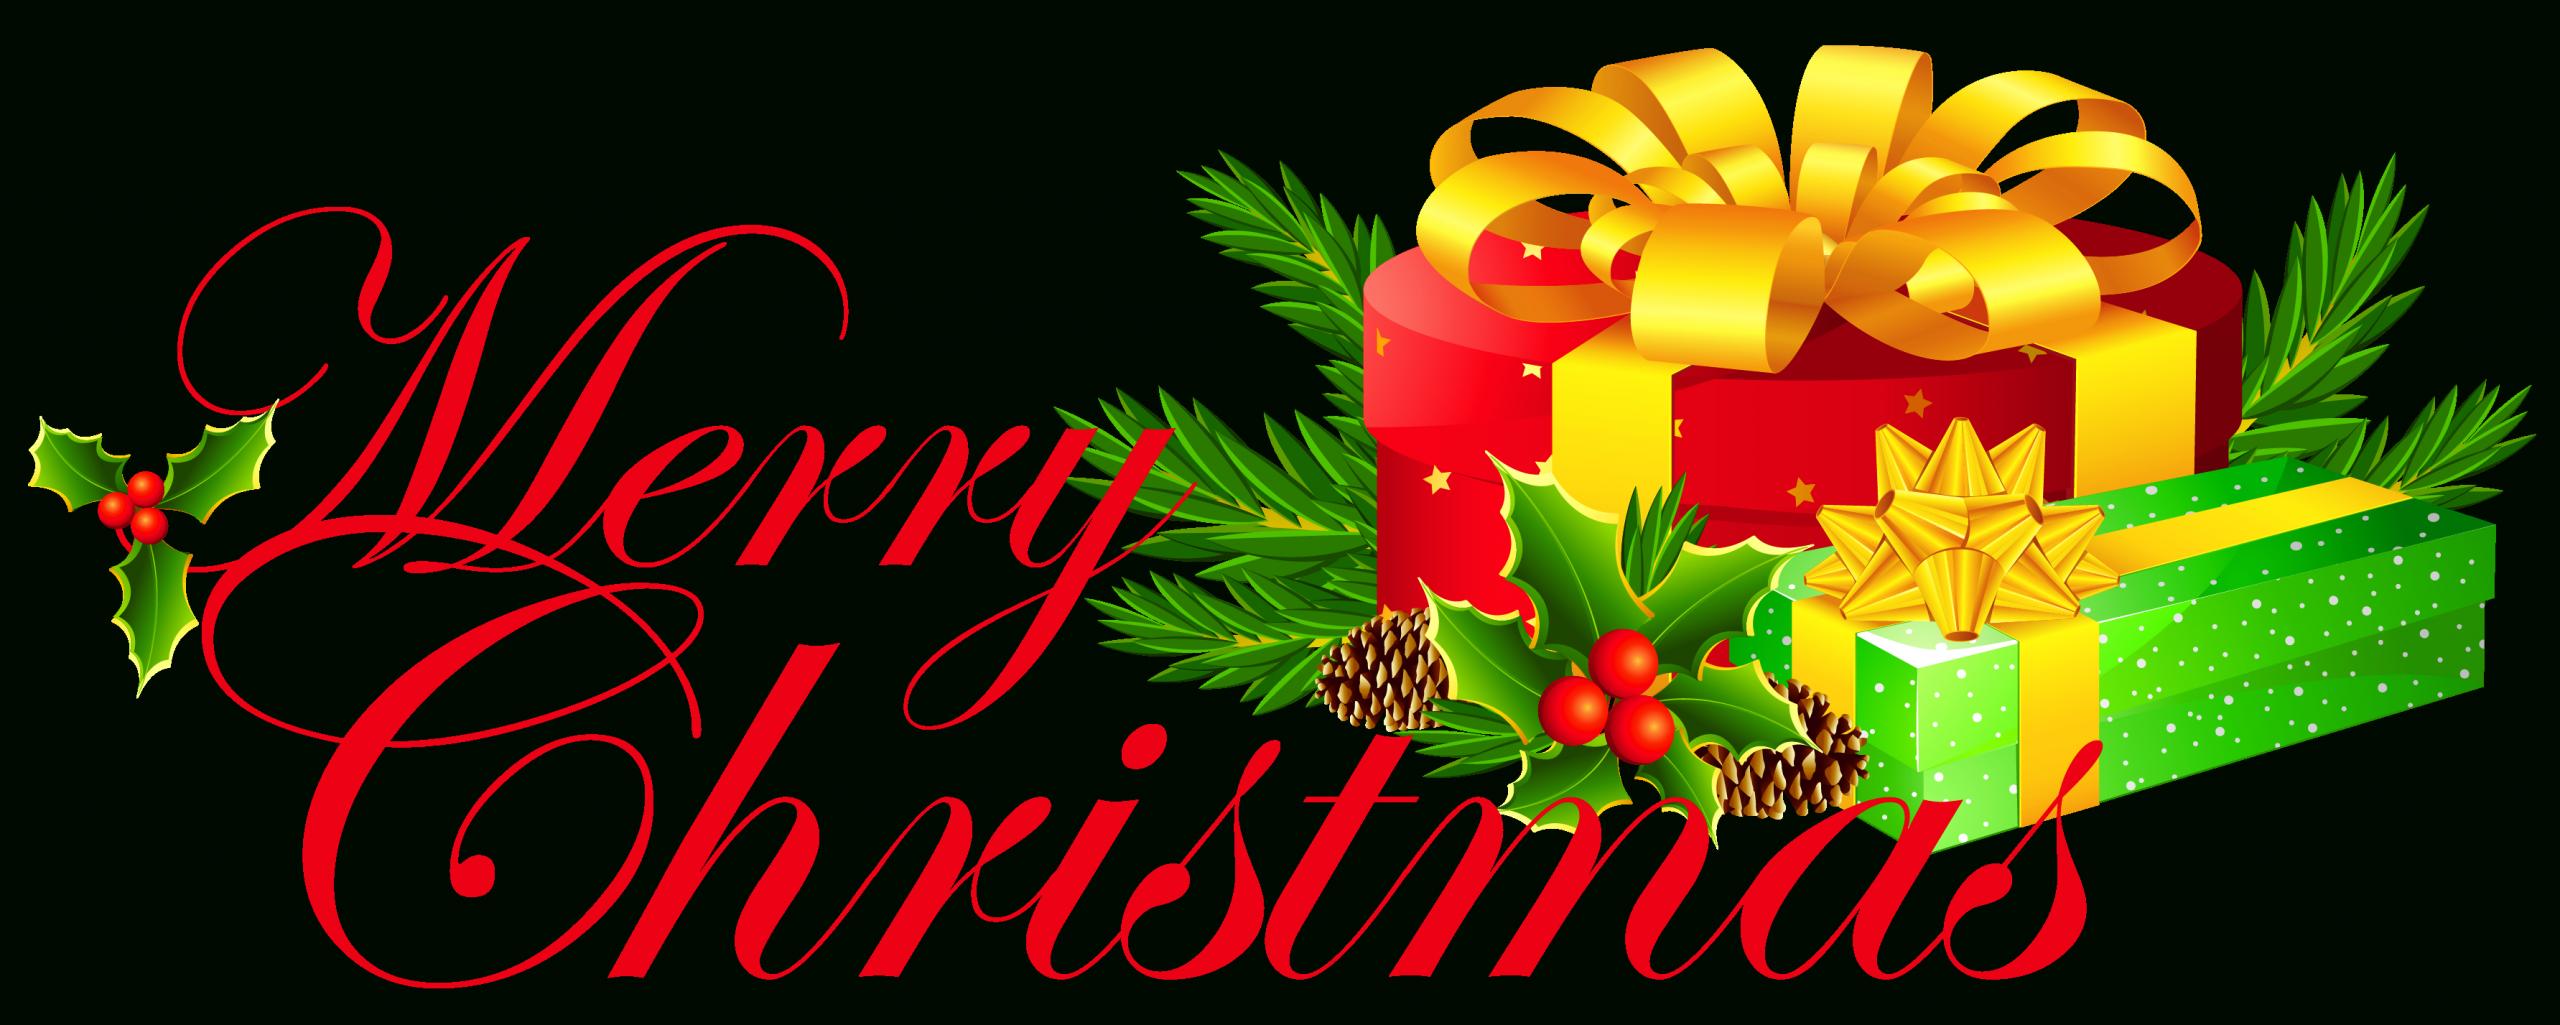 Pin Auf Weihnachten mit Frohe Weihnachten Clipart Kostenlos